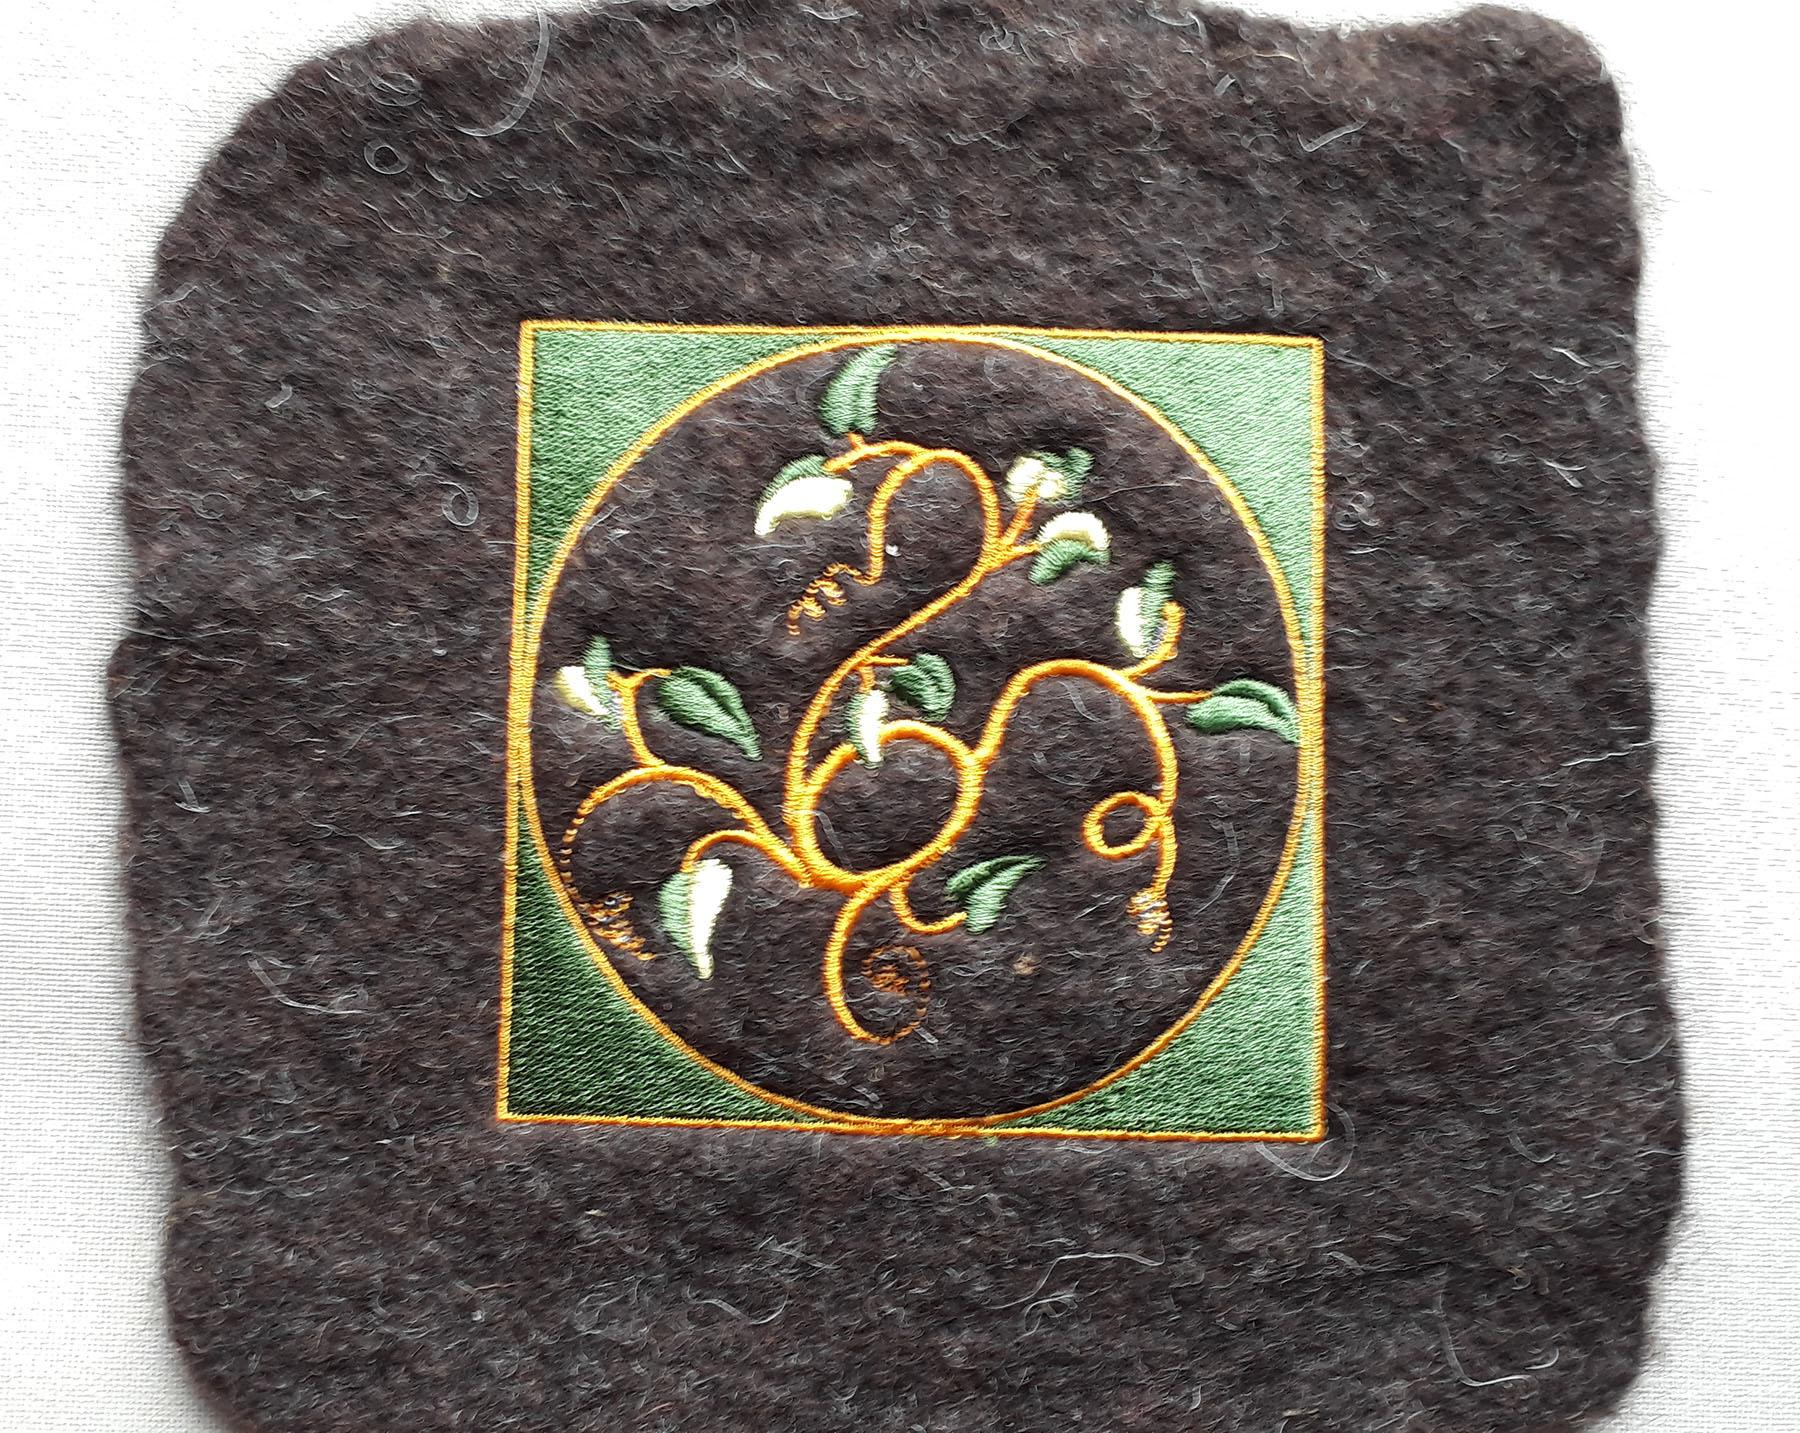 Broderie sur laine feutrée épaisse